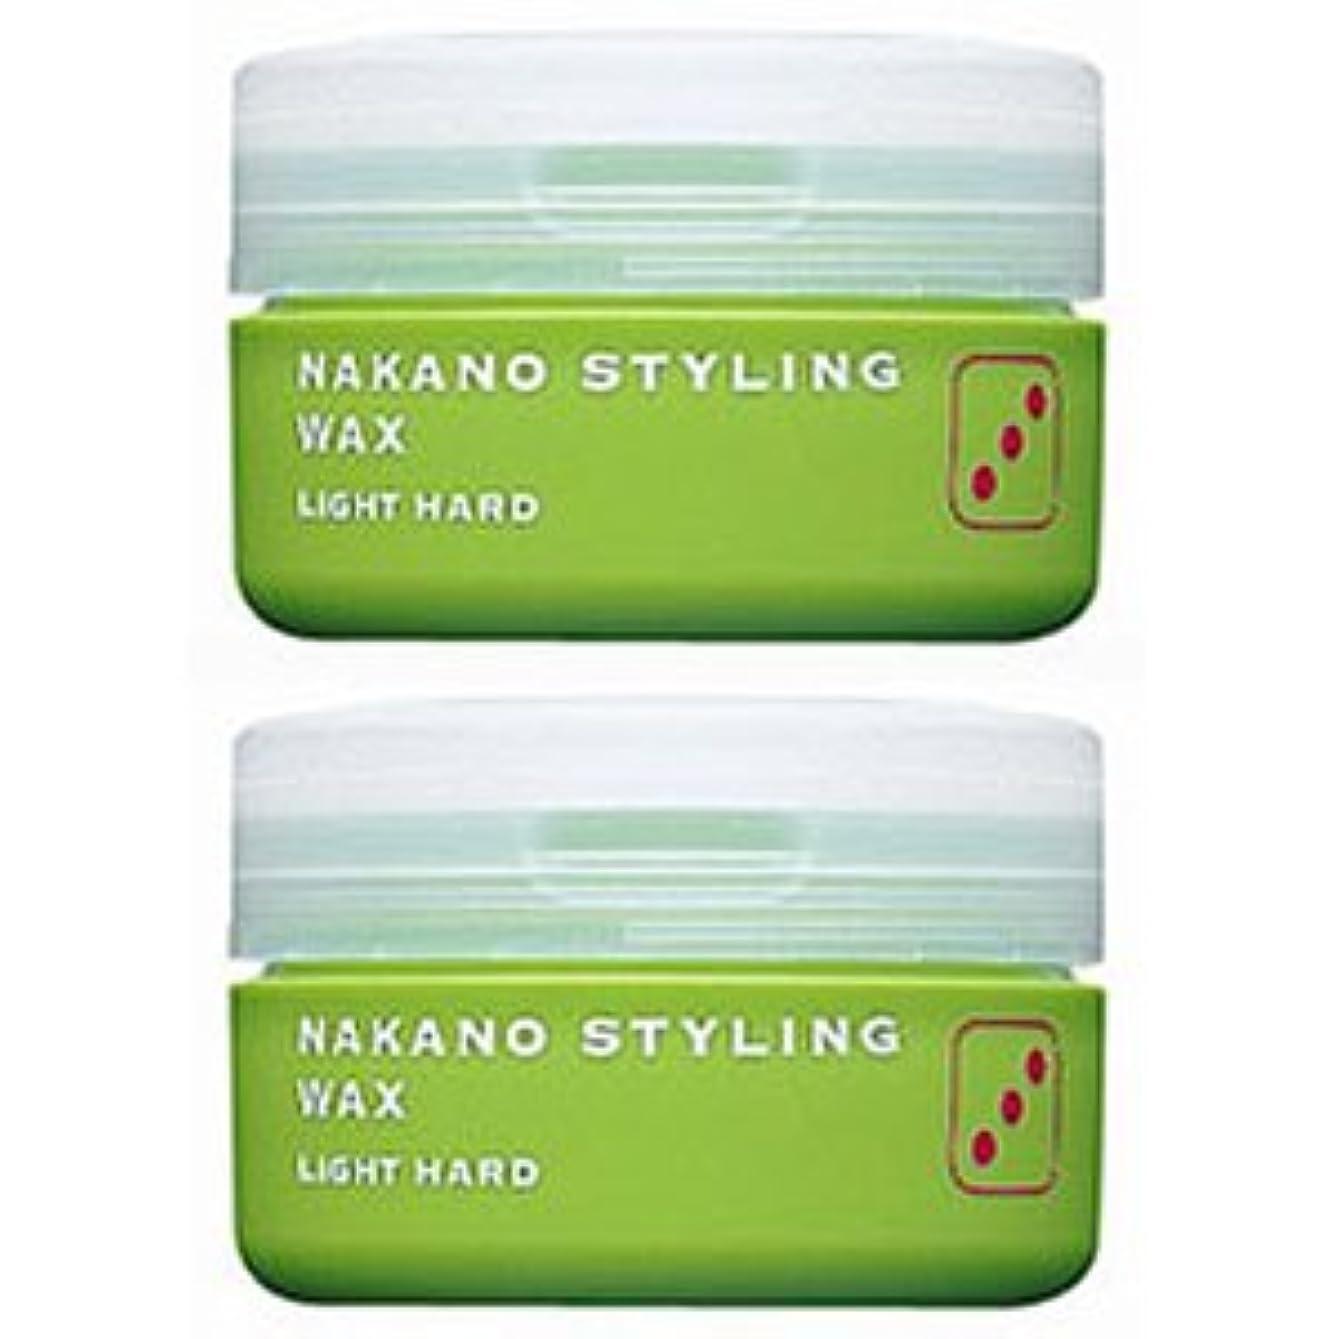 蛾元気な発表する【X2個セット】 ナカノ スタイリング ワックス 3 ライトハード 90g